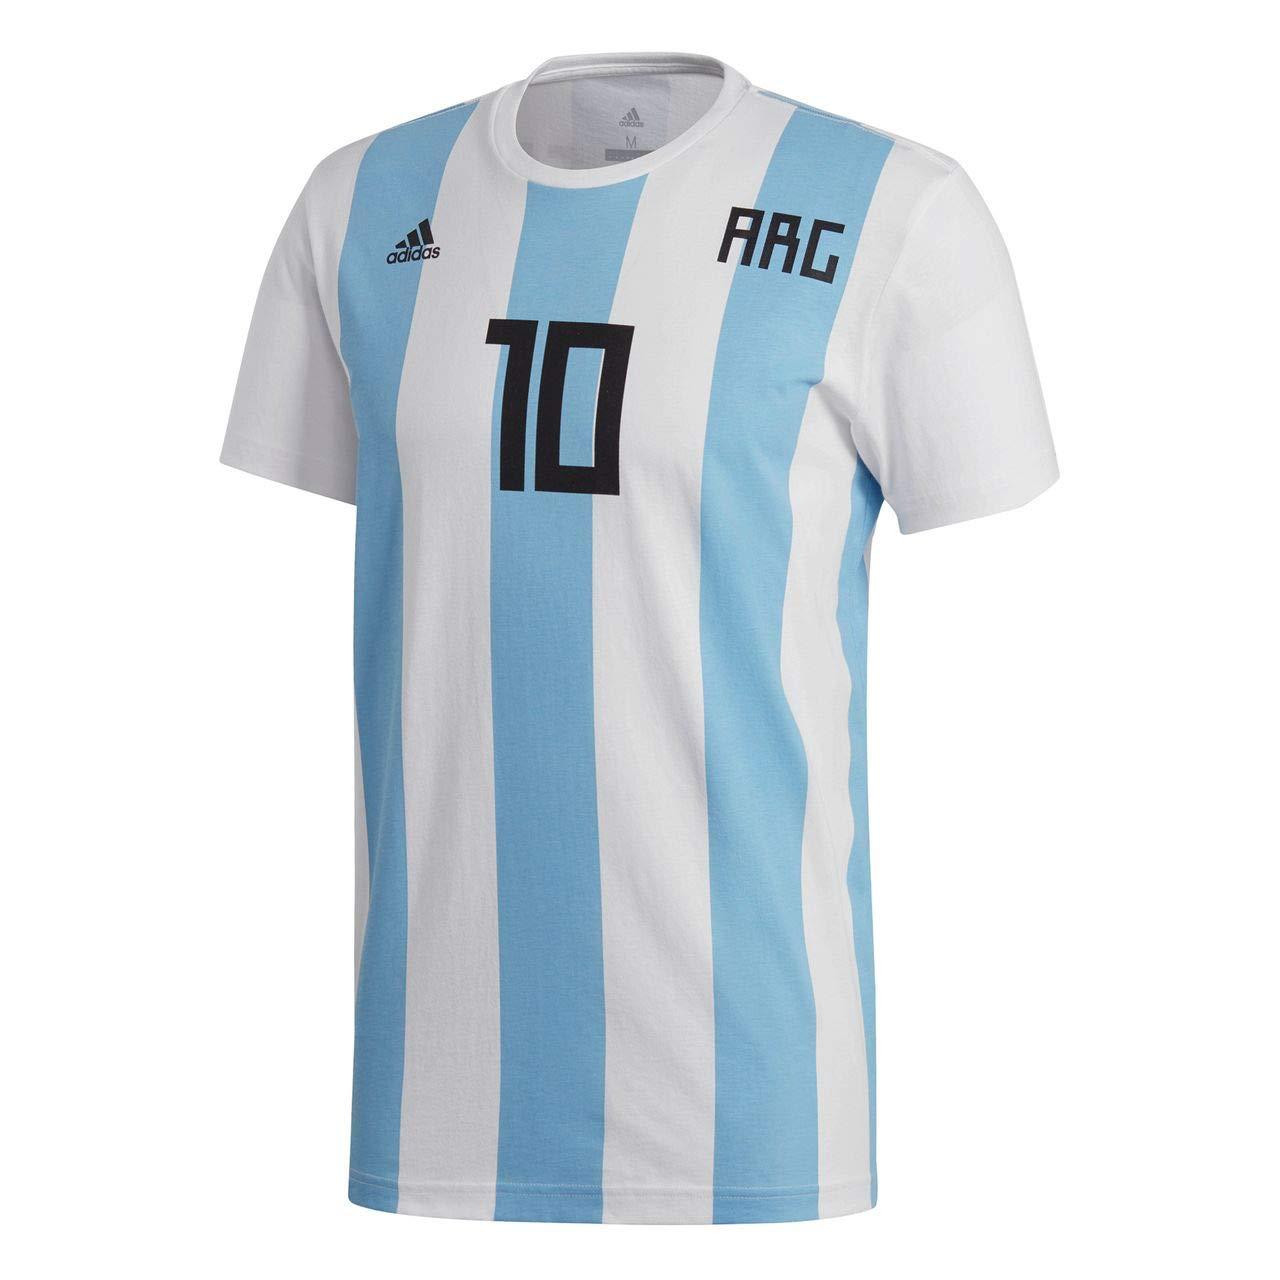 Adidas Messi Argentina 2017-2018, Camiseta, White: Amazon.es: Deportes y aire libre